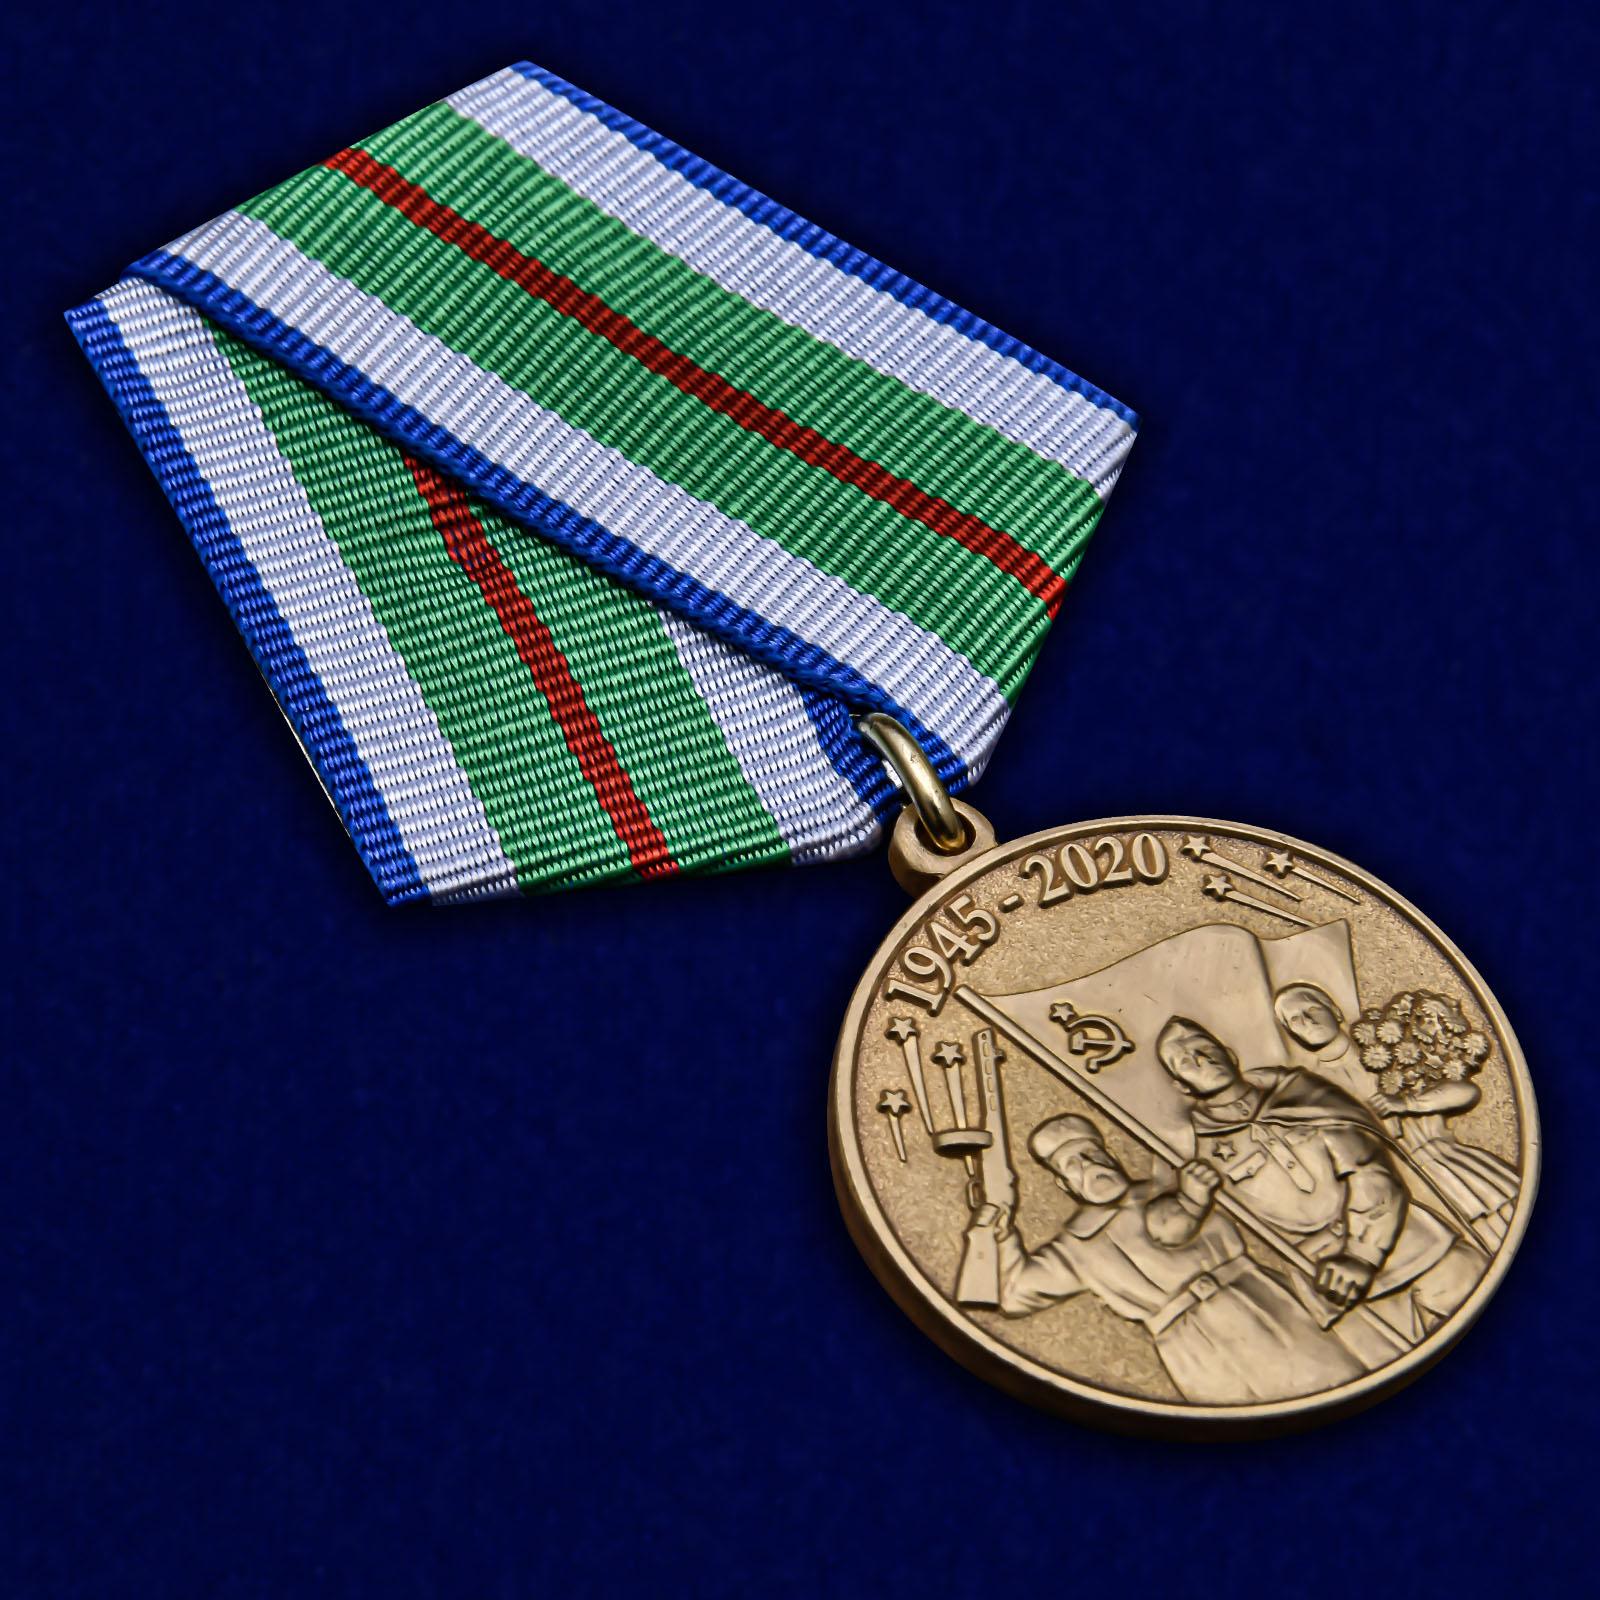 Юбилейная медаль «75 лет Победы в Великой Отечественной войне 1941-1945 годов» Беларусь - недорого